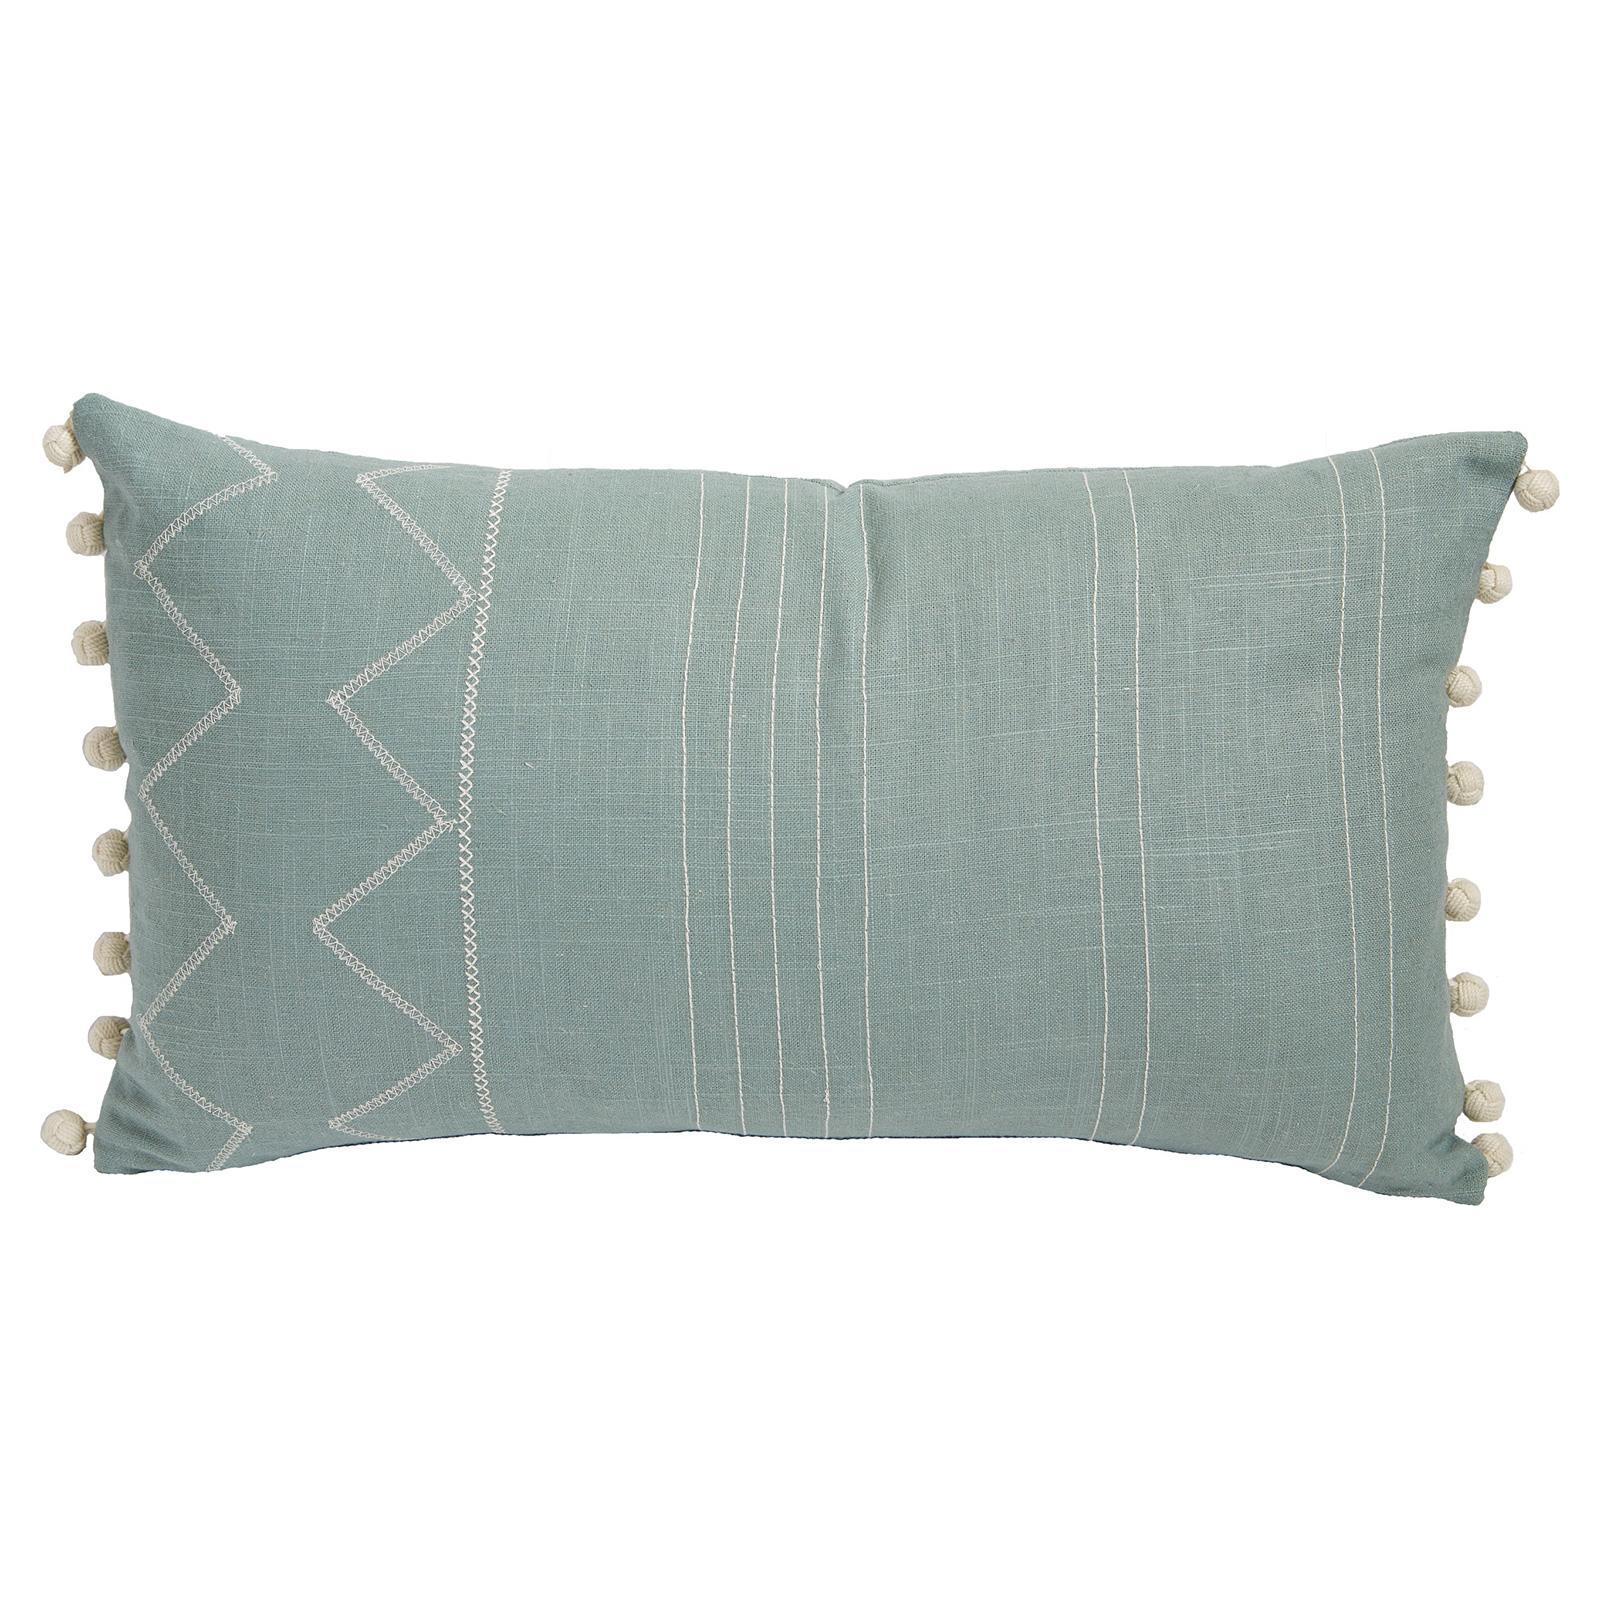 Lulu Bazaar Stitched Linear Mineral Pom Pom Pillow- 13x22